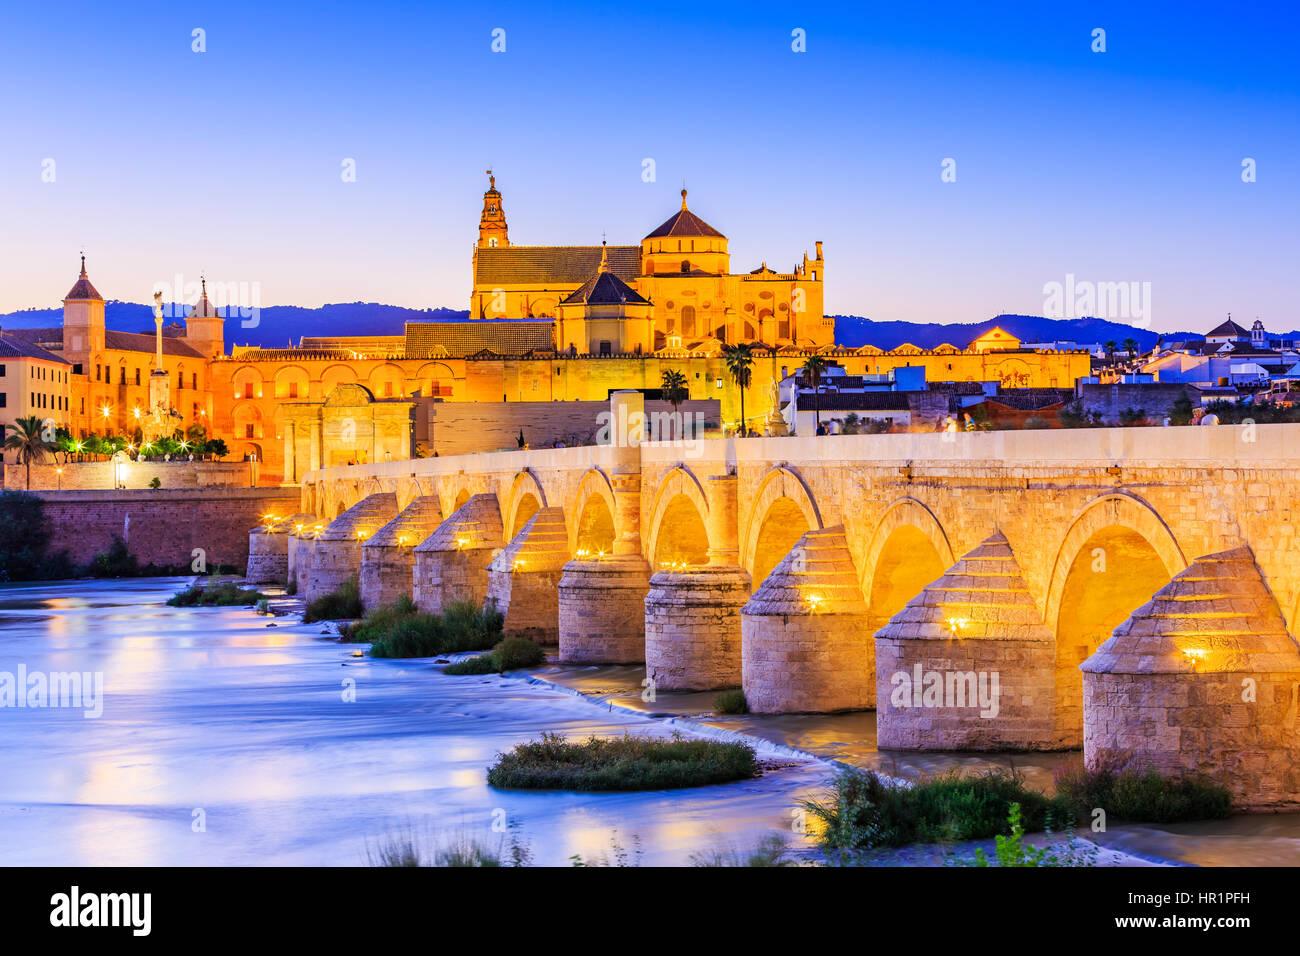 Cordoba, Spanien, Andalusien. Römische Brücke am Fluss Guadalquivir und die große Moschee (Mezquita Stockbild